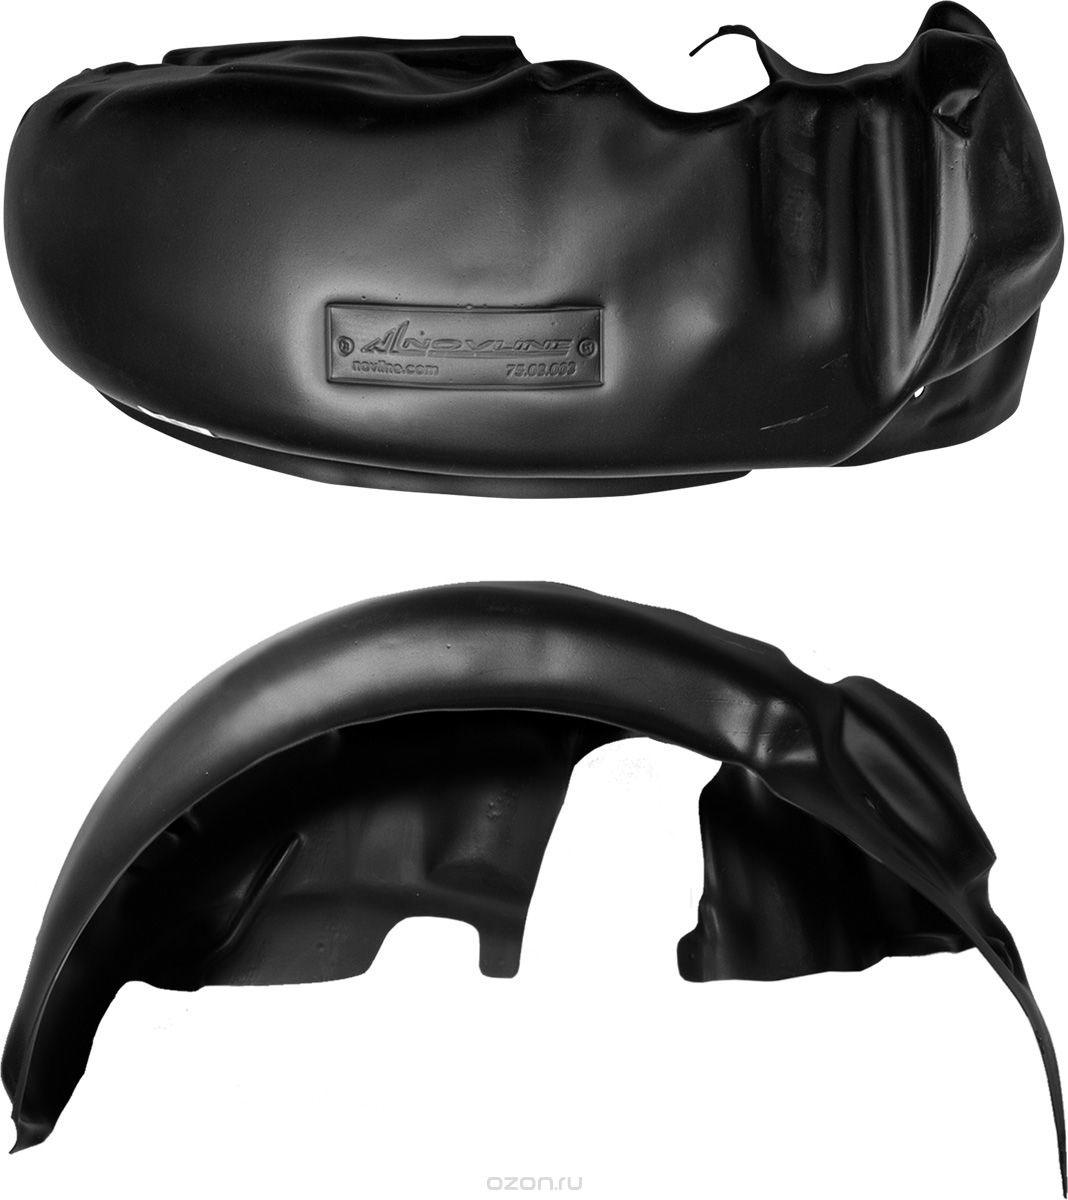 Подкрылок Novline-Autofamily, для MITSUBISHI Outlander, 2015->, задний левыйDW90Идеальная защита колесной ниши. Локеры разработаны с применением цифровых технологий, гарантируют максимальную повторяемость поверхности арки. Изделия устанавливаются без нарушения лакокрасочного покрытия автомобиля, каждый подкрылок комплектуется крепежом. Уважаемые клиенты, обращаем ваше внимание, что фотографии на подкрылки универсальные и не отражают реальную форму изделия. При этом само изделие идет точно под размер указанного автомобиля.